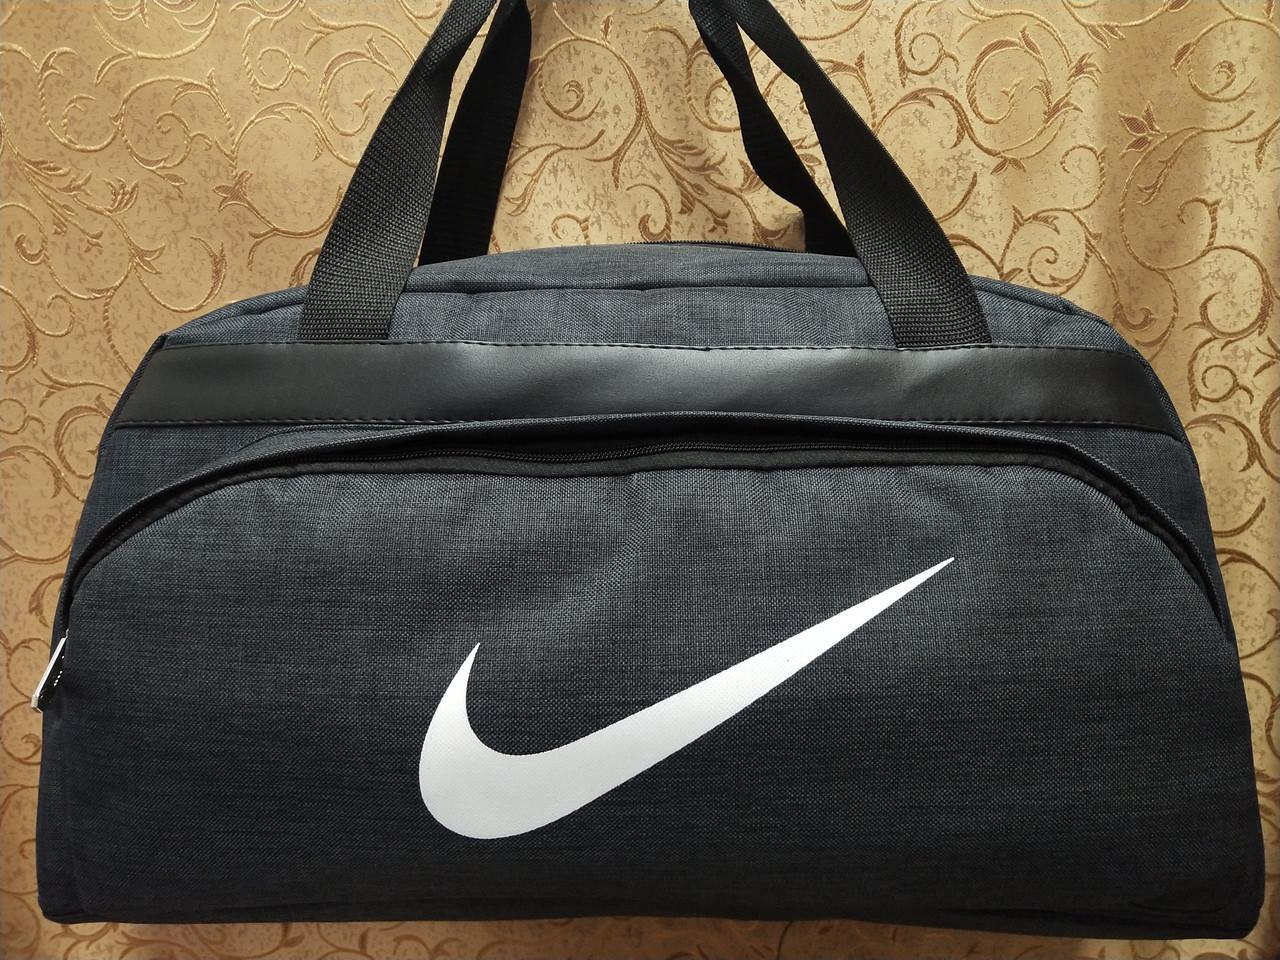 (28*51Качество)Спортивная дорожная nike ткань катион матовый pvc оптом/Спортивная сумка только оптом